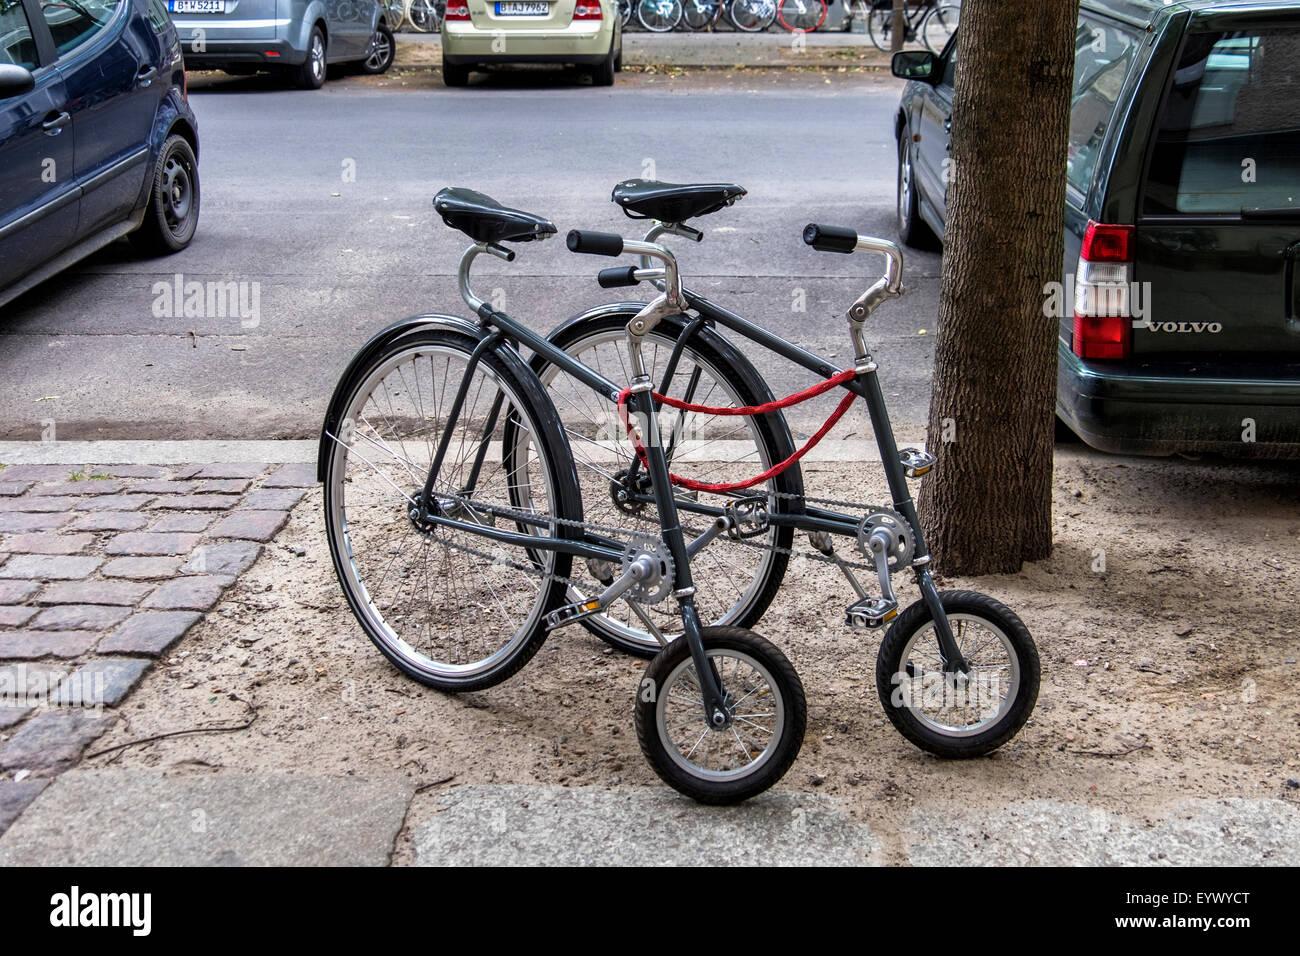 Moderno Penny Farthing biciclette al di fuori del Prêt-à-Vélo designer bike store, Berlino Immagini Stock